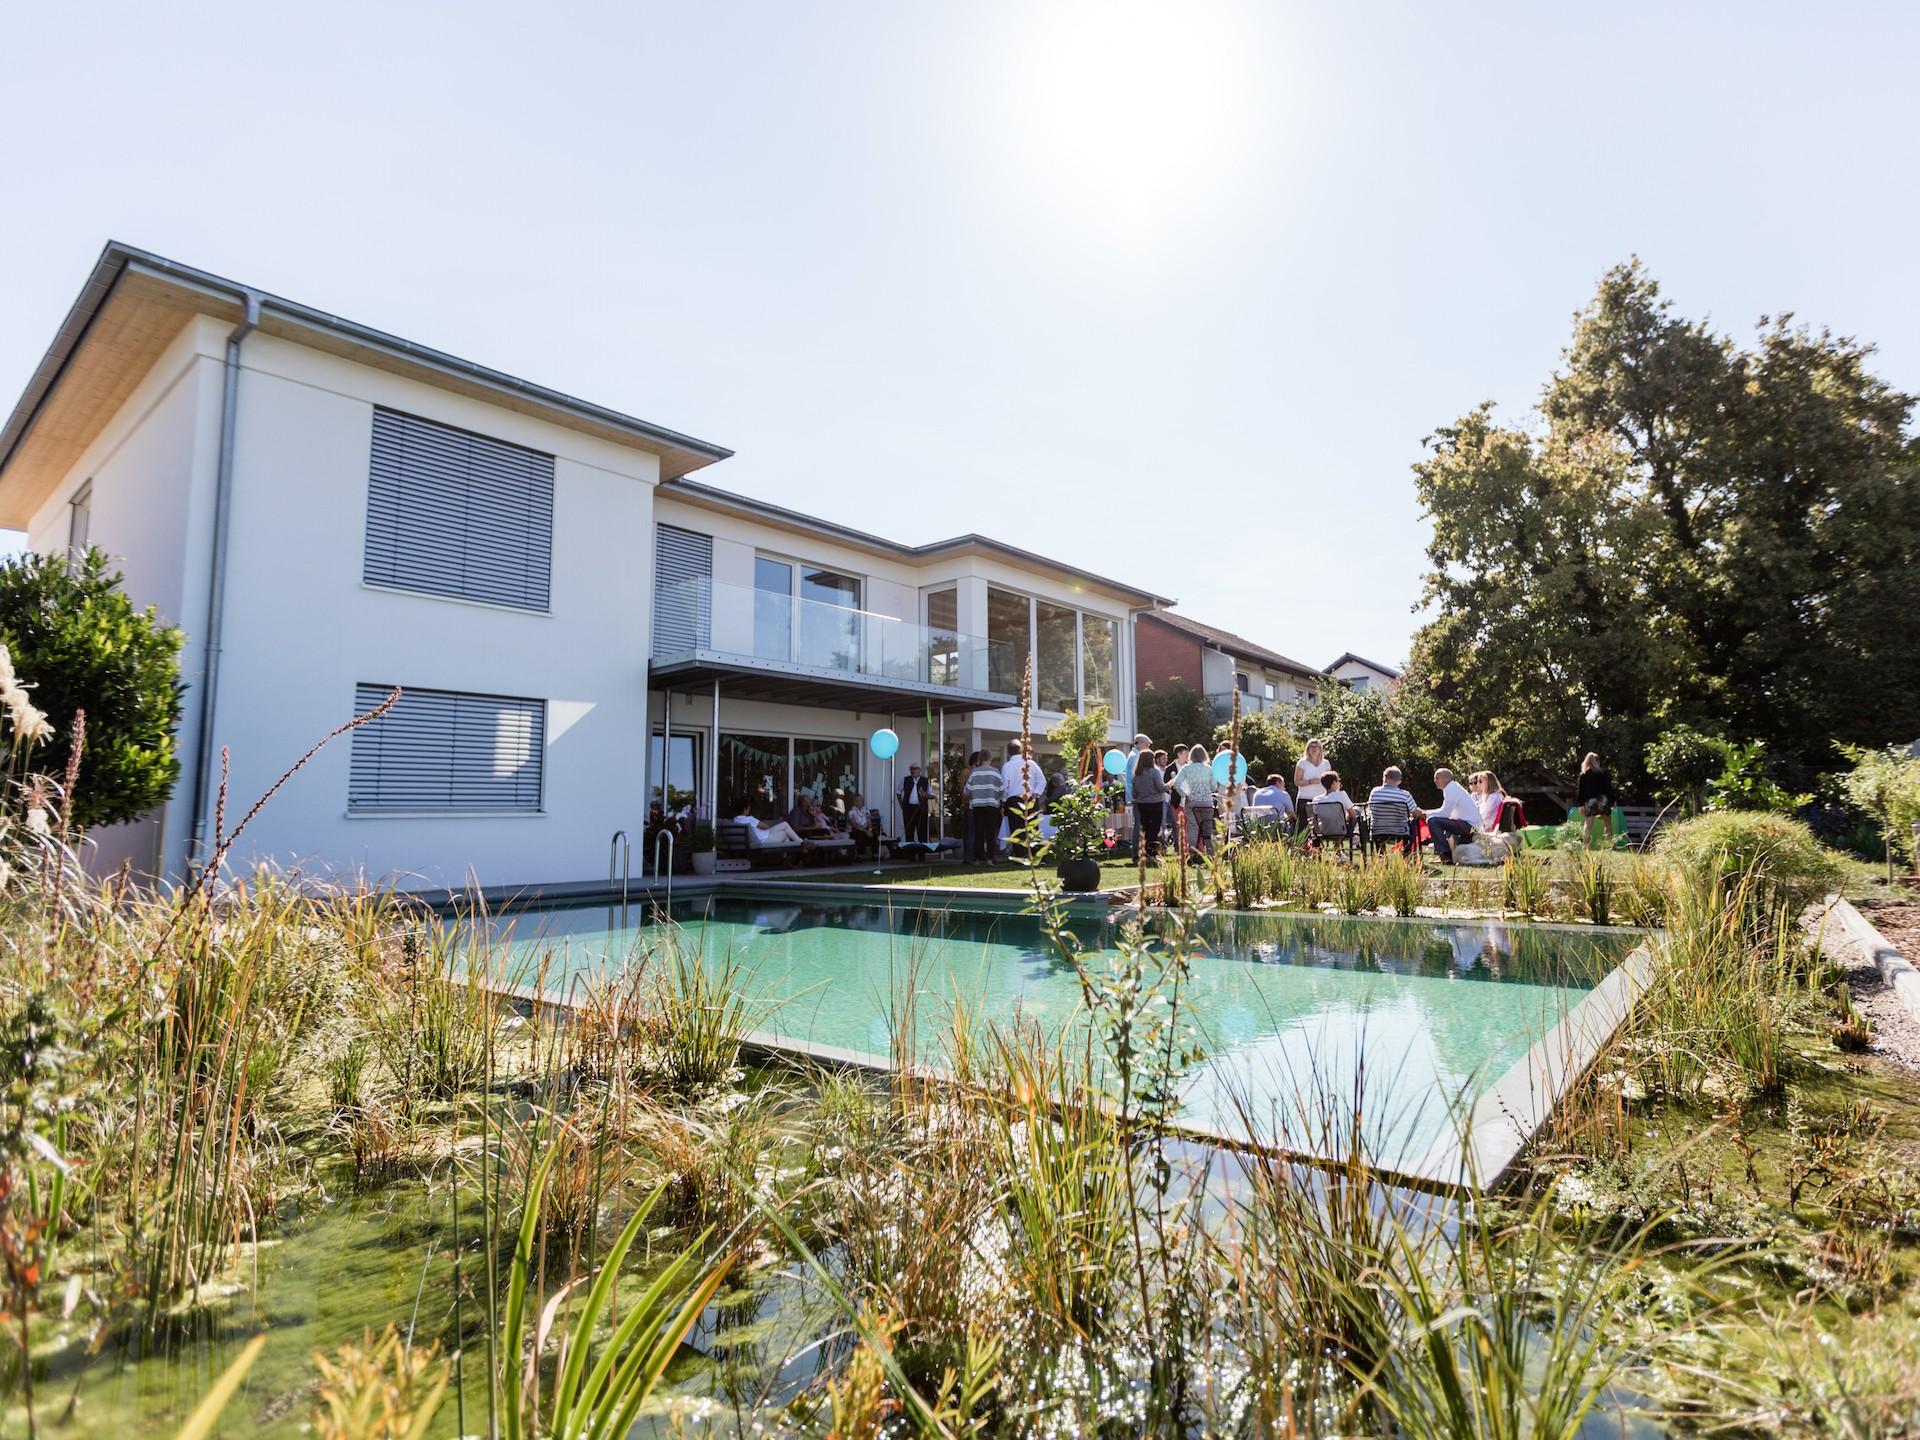 ## (link:https://perka-architekten.de/projekte/wohnhaus-in-rheinhessen text: zum Projekt)